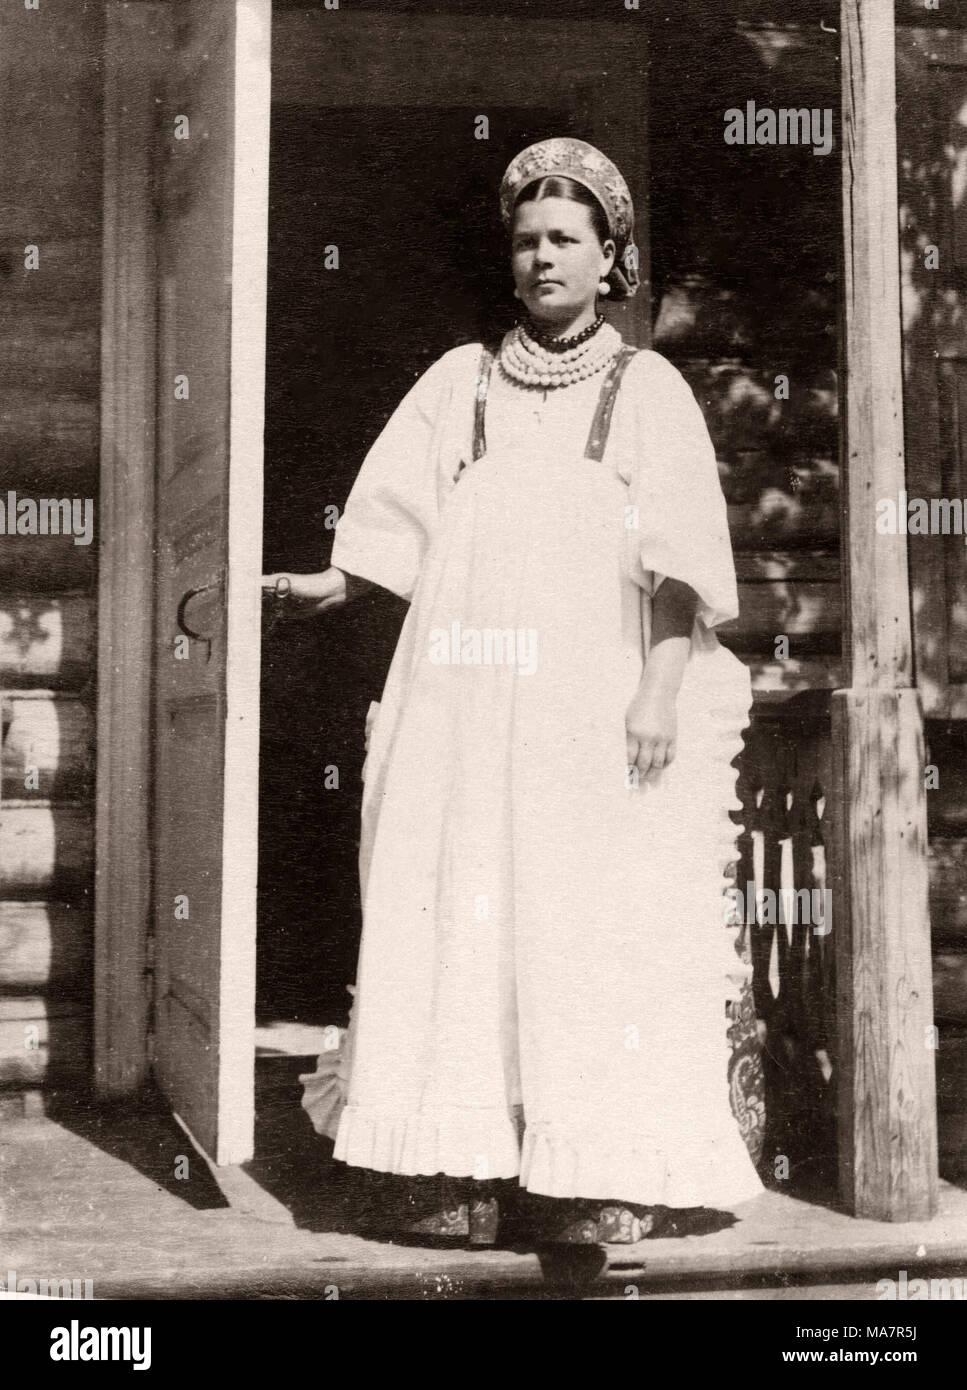 19e siècle vintage photo Russie - Portrait d'une femme Russe - une infirmière Photo Stock